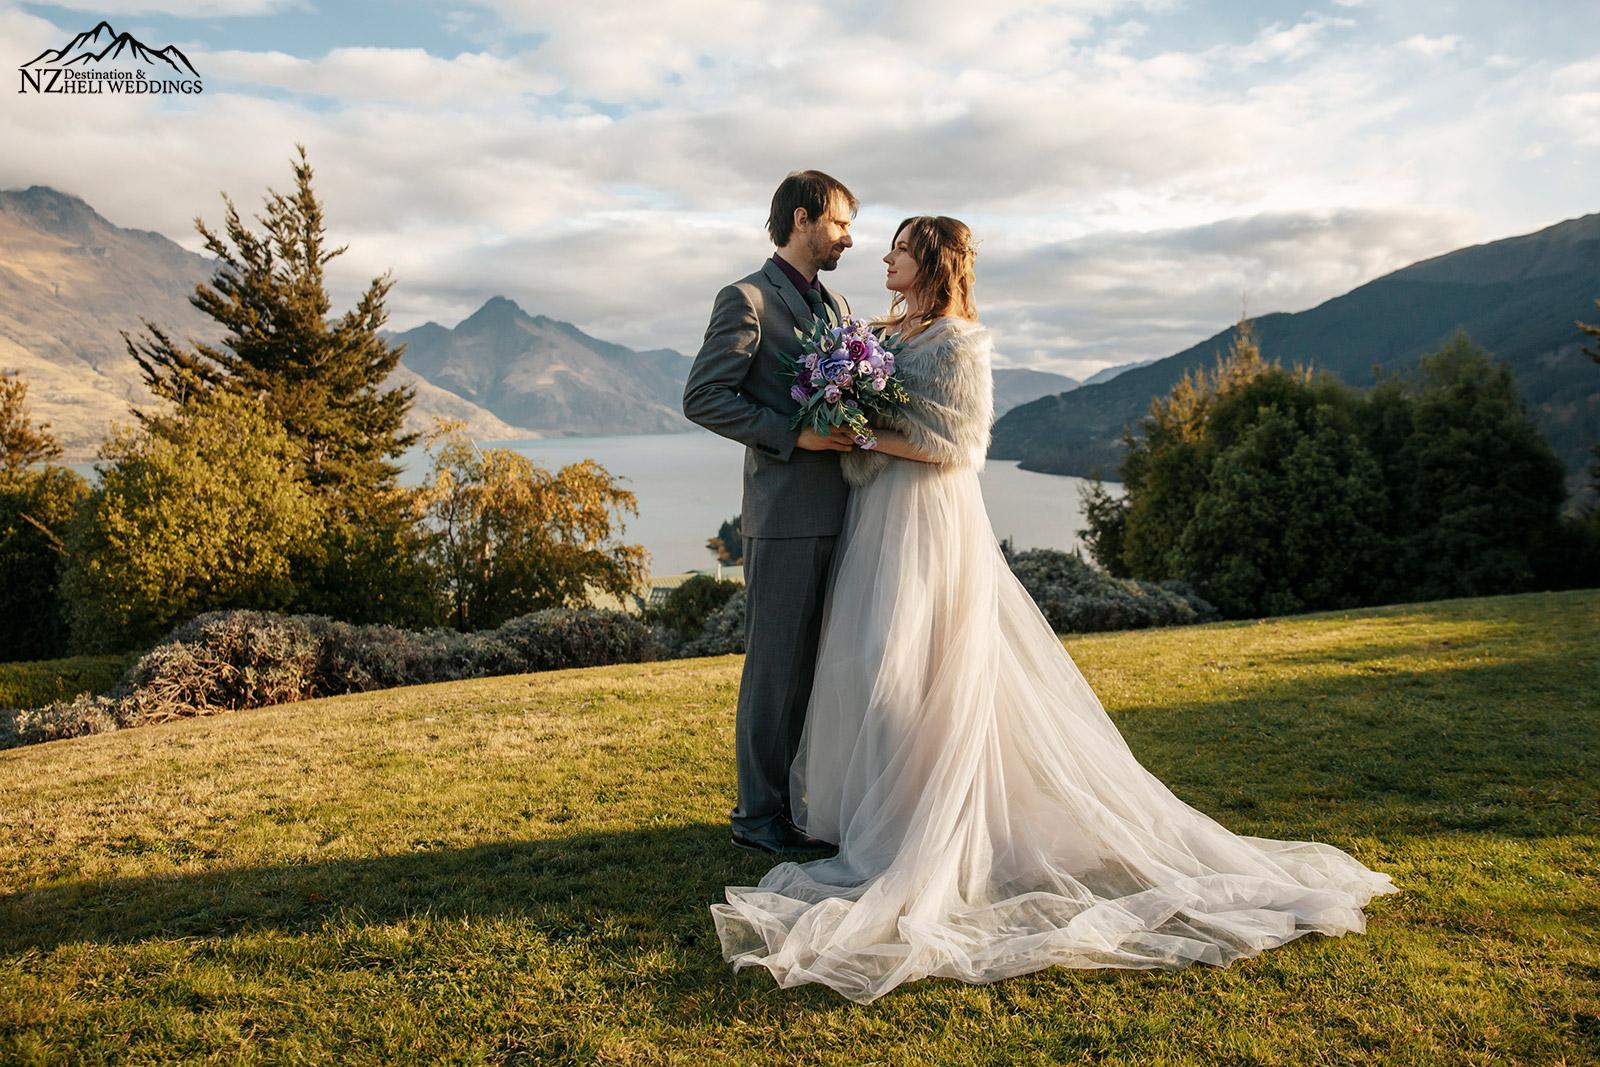 Photo by  Heli Weddings